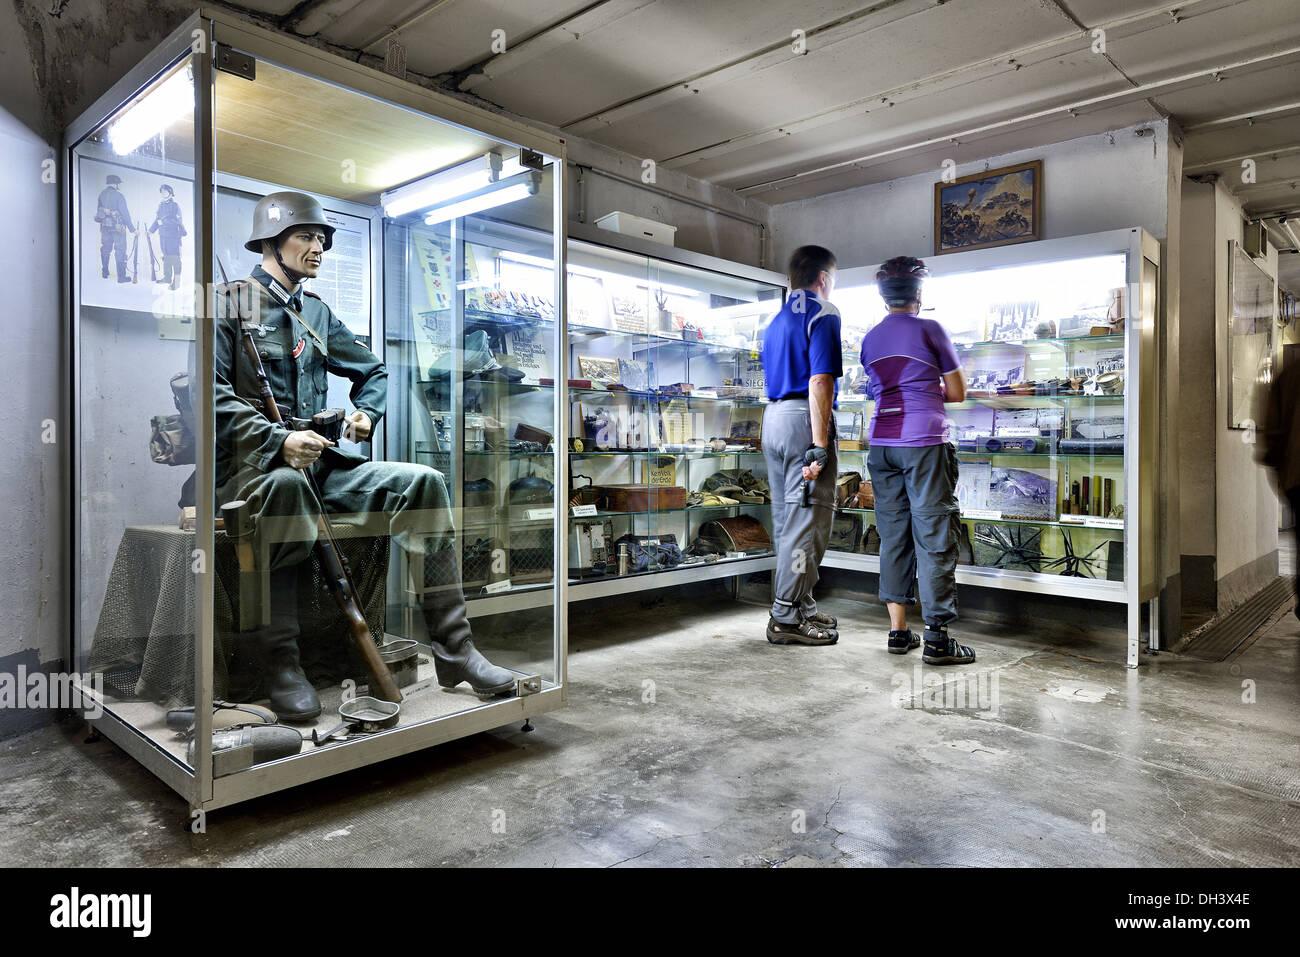 Museum rooms, Marckolsheim bunker, Maginot line. - Stock Image